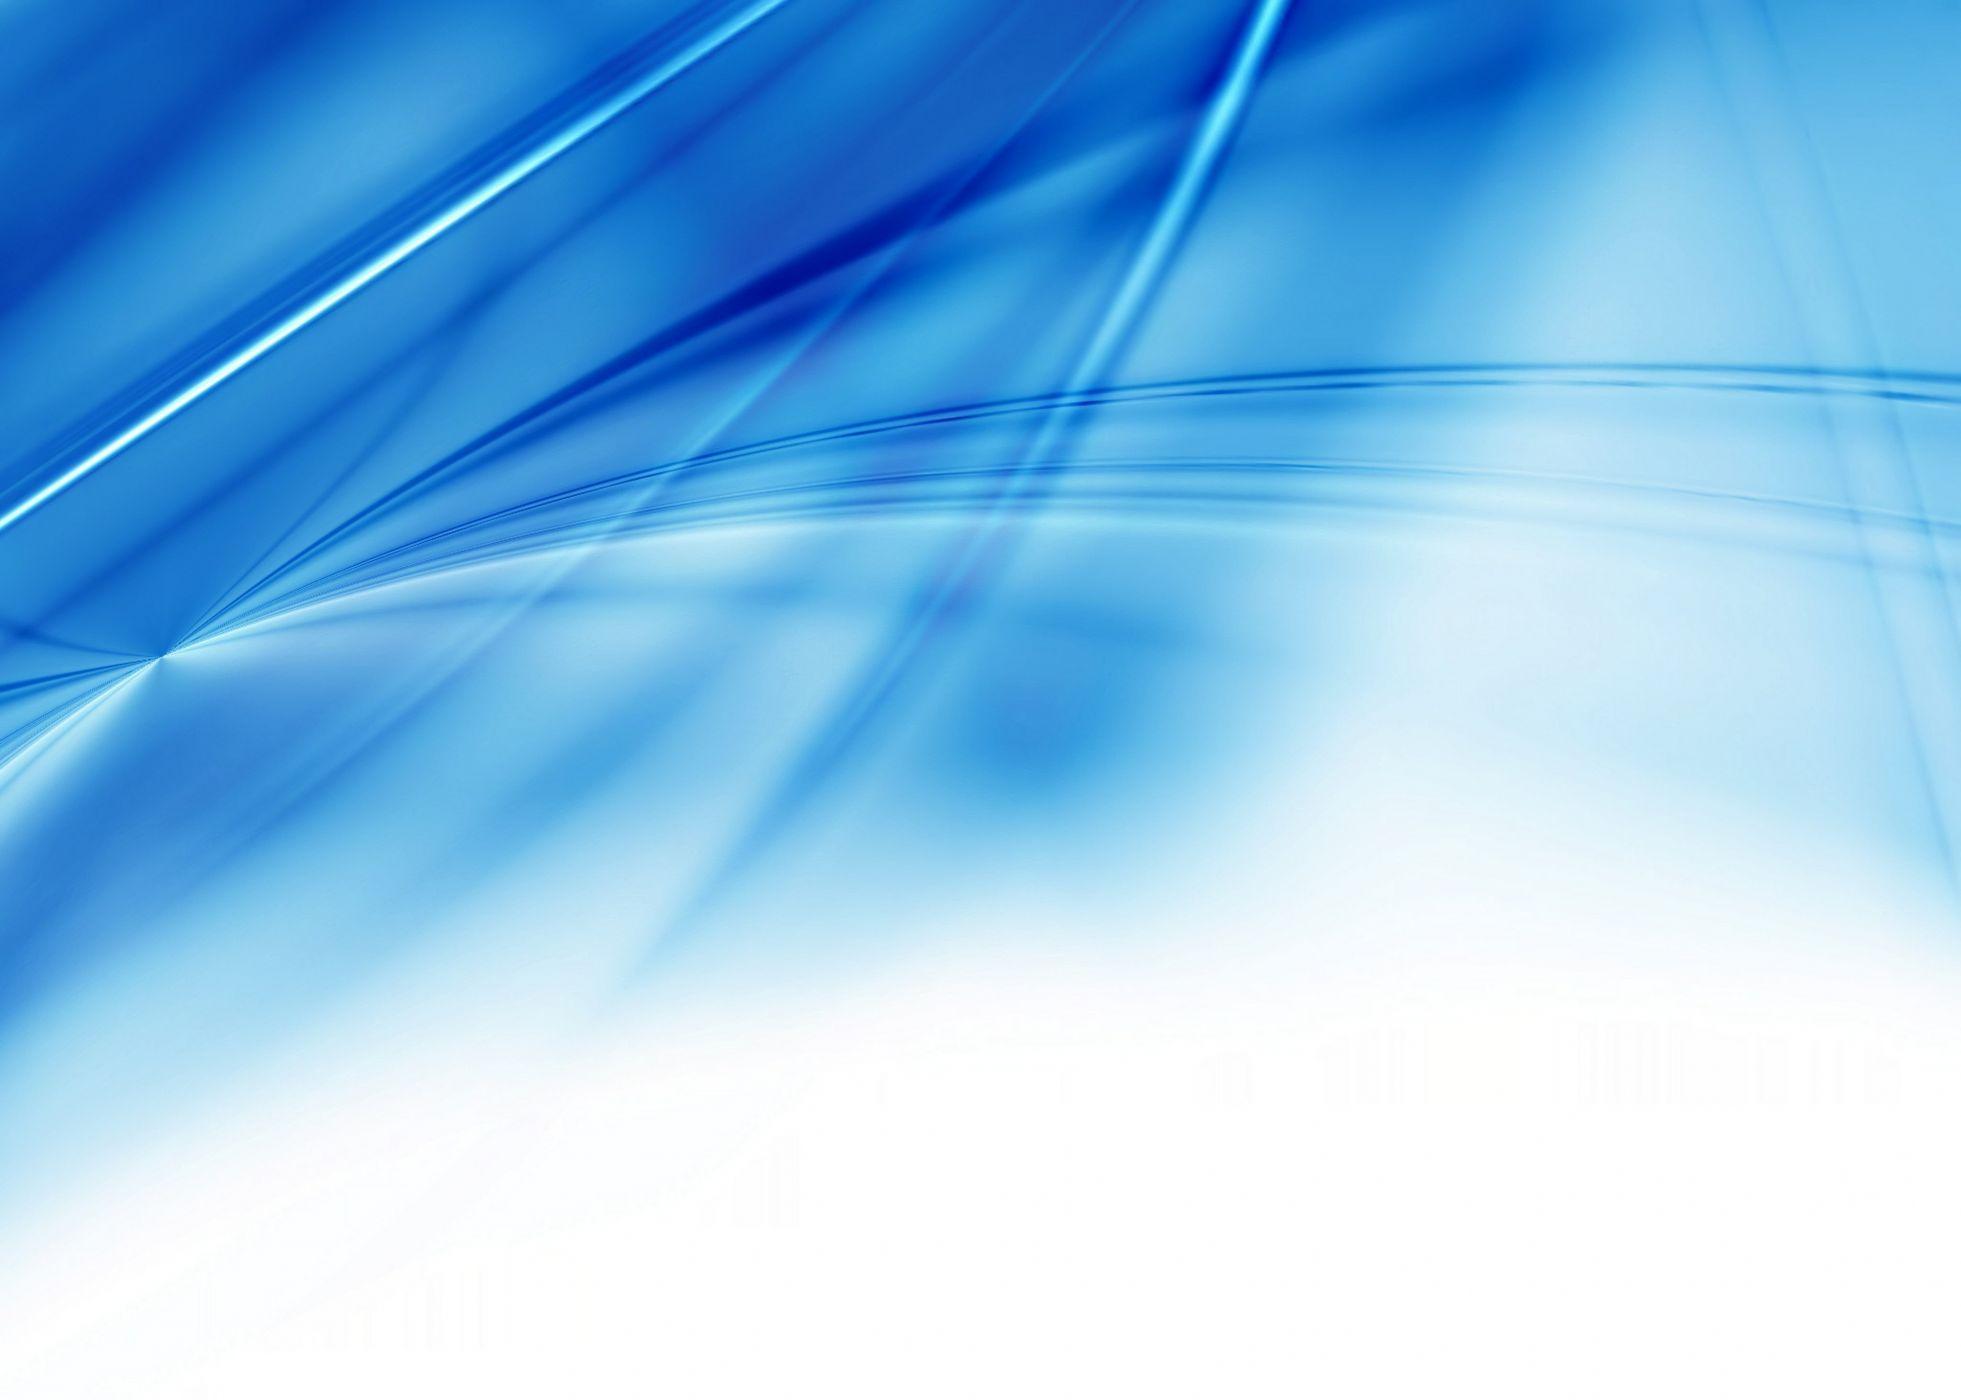 Hình nền power point màu xanh